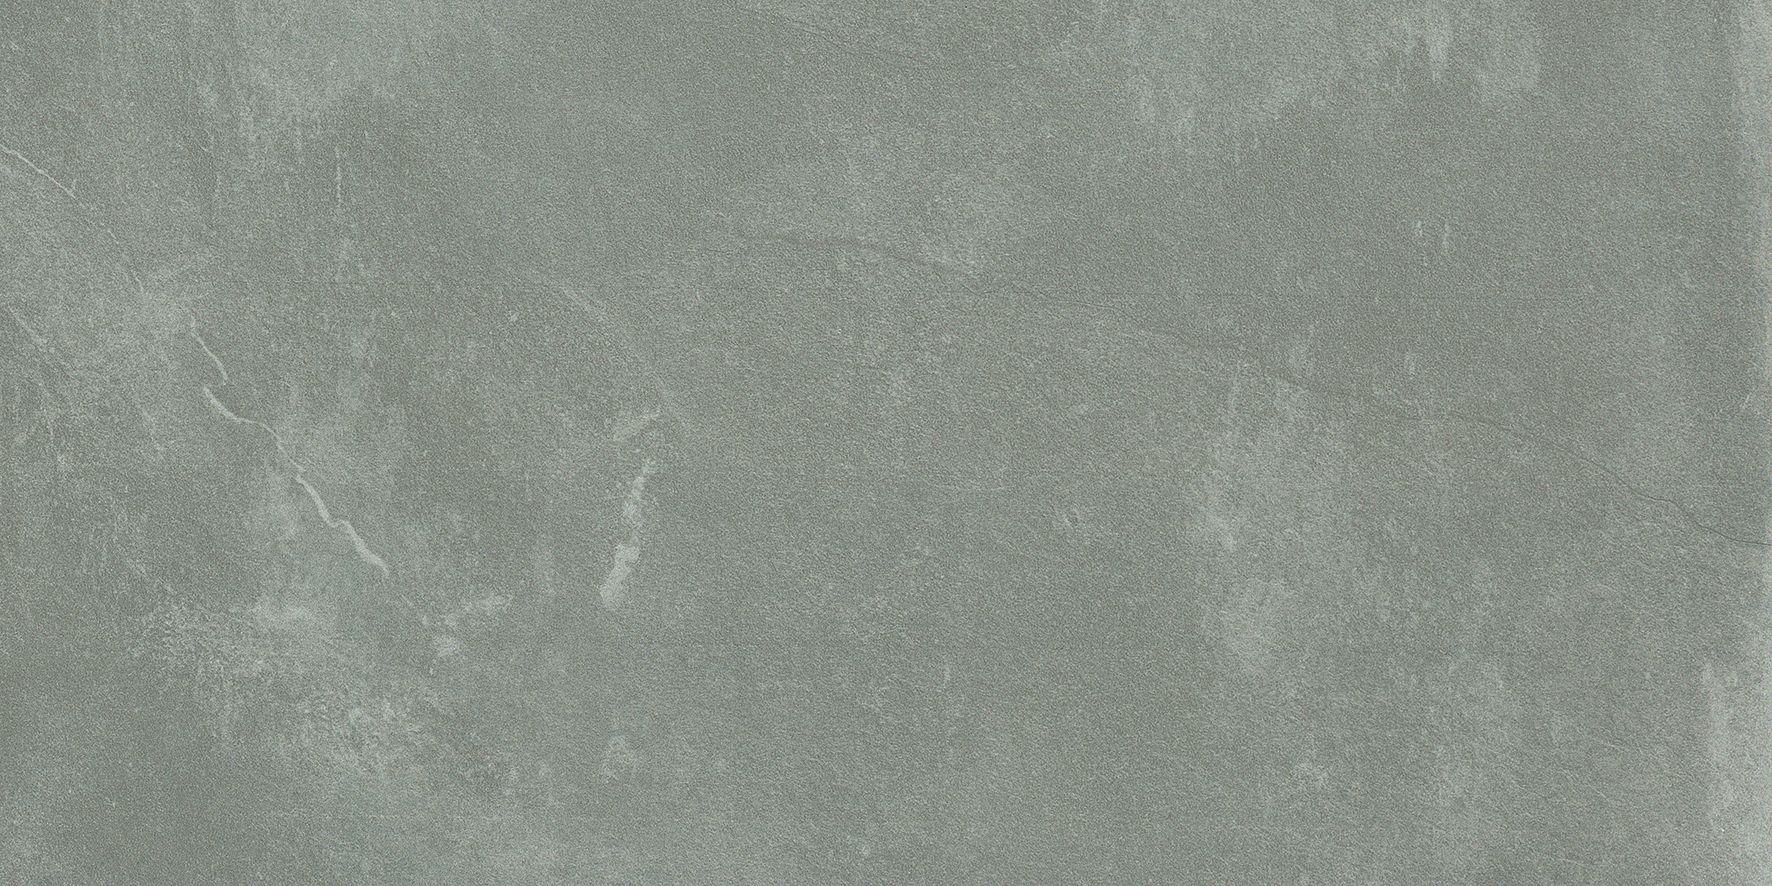 Klint hellgrau KLI930A R10/B rect. 30x60x0,8 II sort - Hansas Plaadimaailm